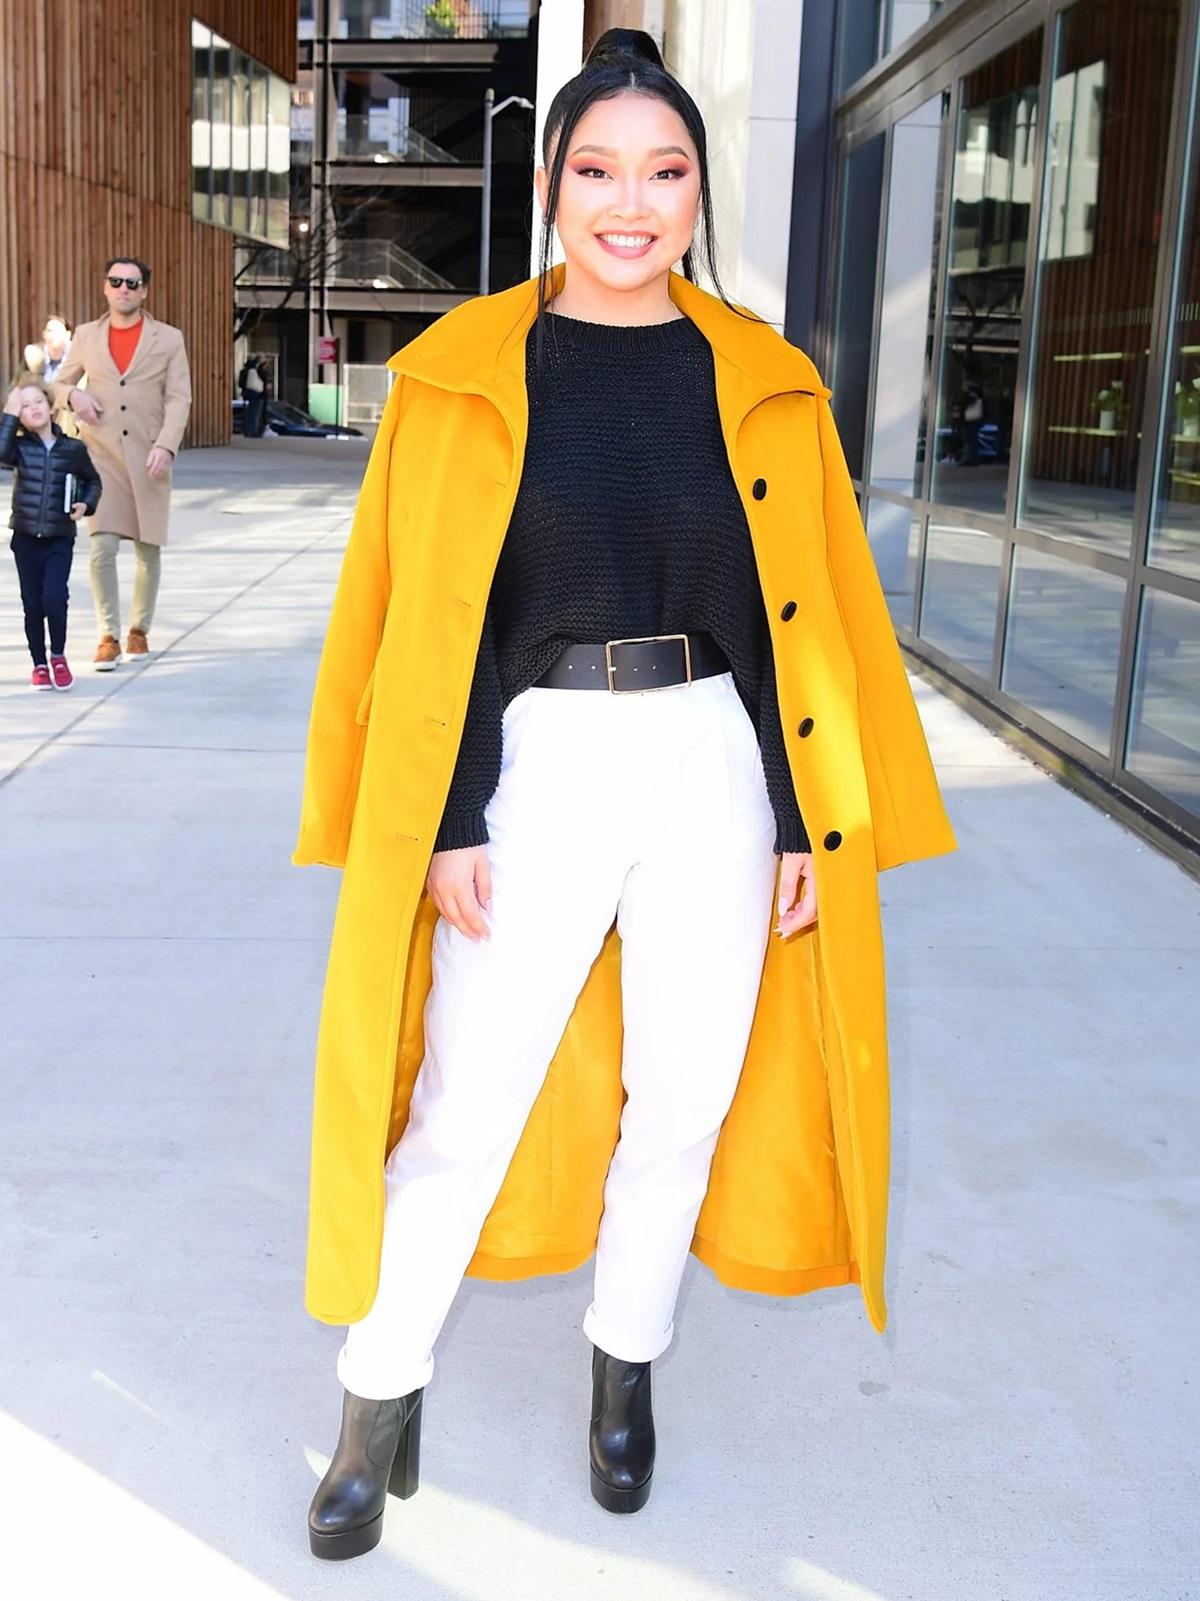 Hồi tháng ba, cô ghi điểm phong cách với áo len phối quần baggy và boots da đen, nhấn vào áo khoác quá khổ màu vàng tươi khi dự sự kiện ở quận Brooklyn (New York, Mỹ). Ảnh: SplashNews.